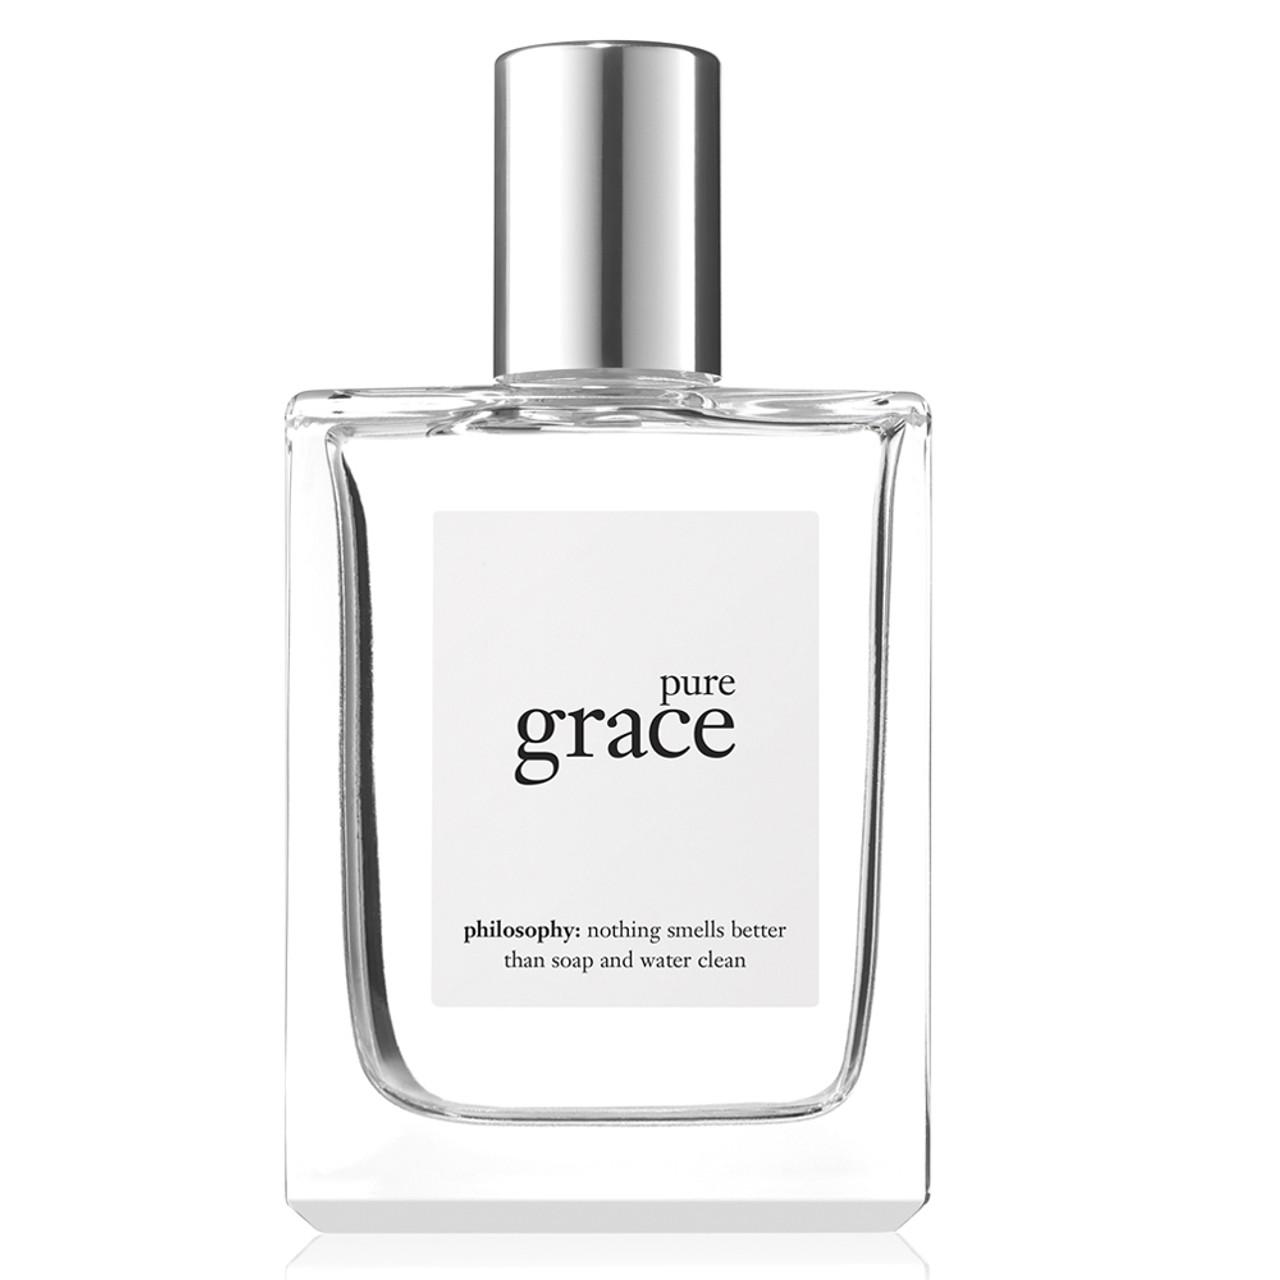 philosophy Pure Grace Fragrance Eau De Toilette